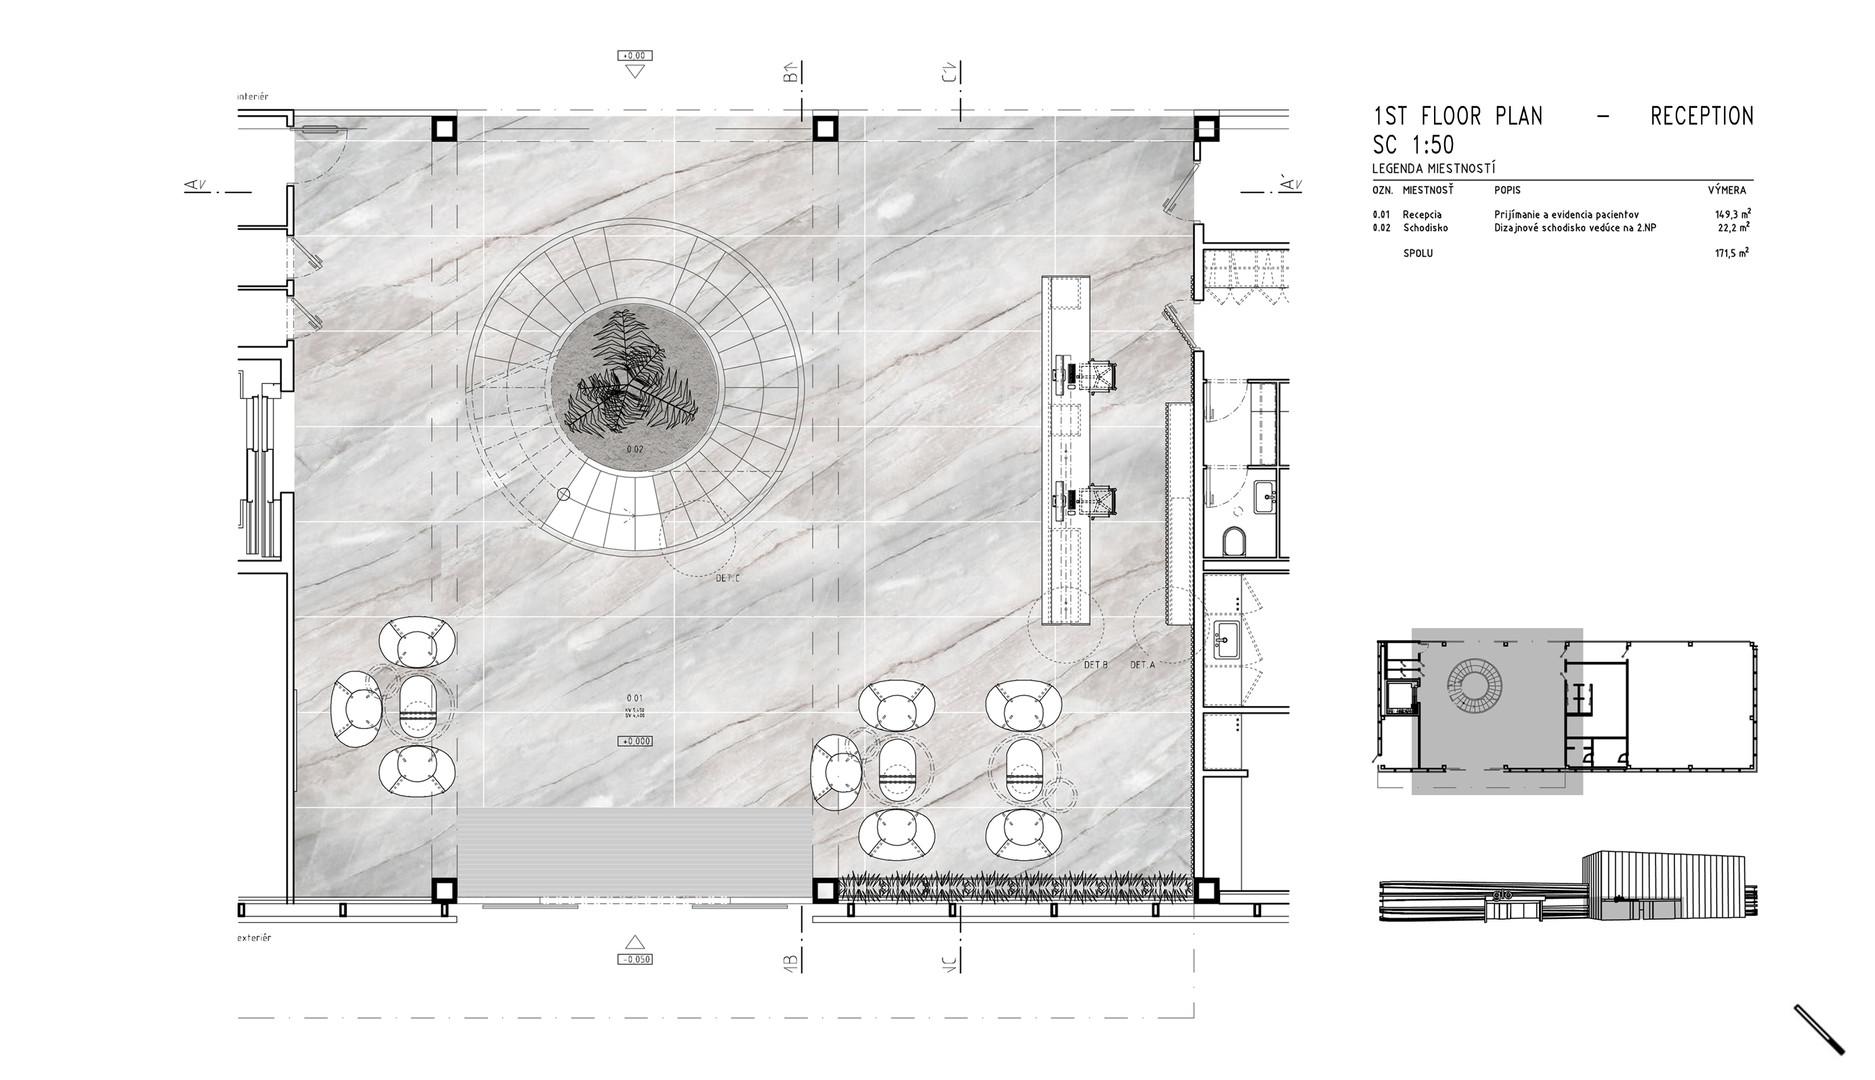 1st floor plan reception.jpg